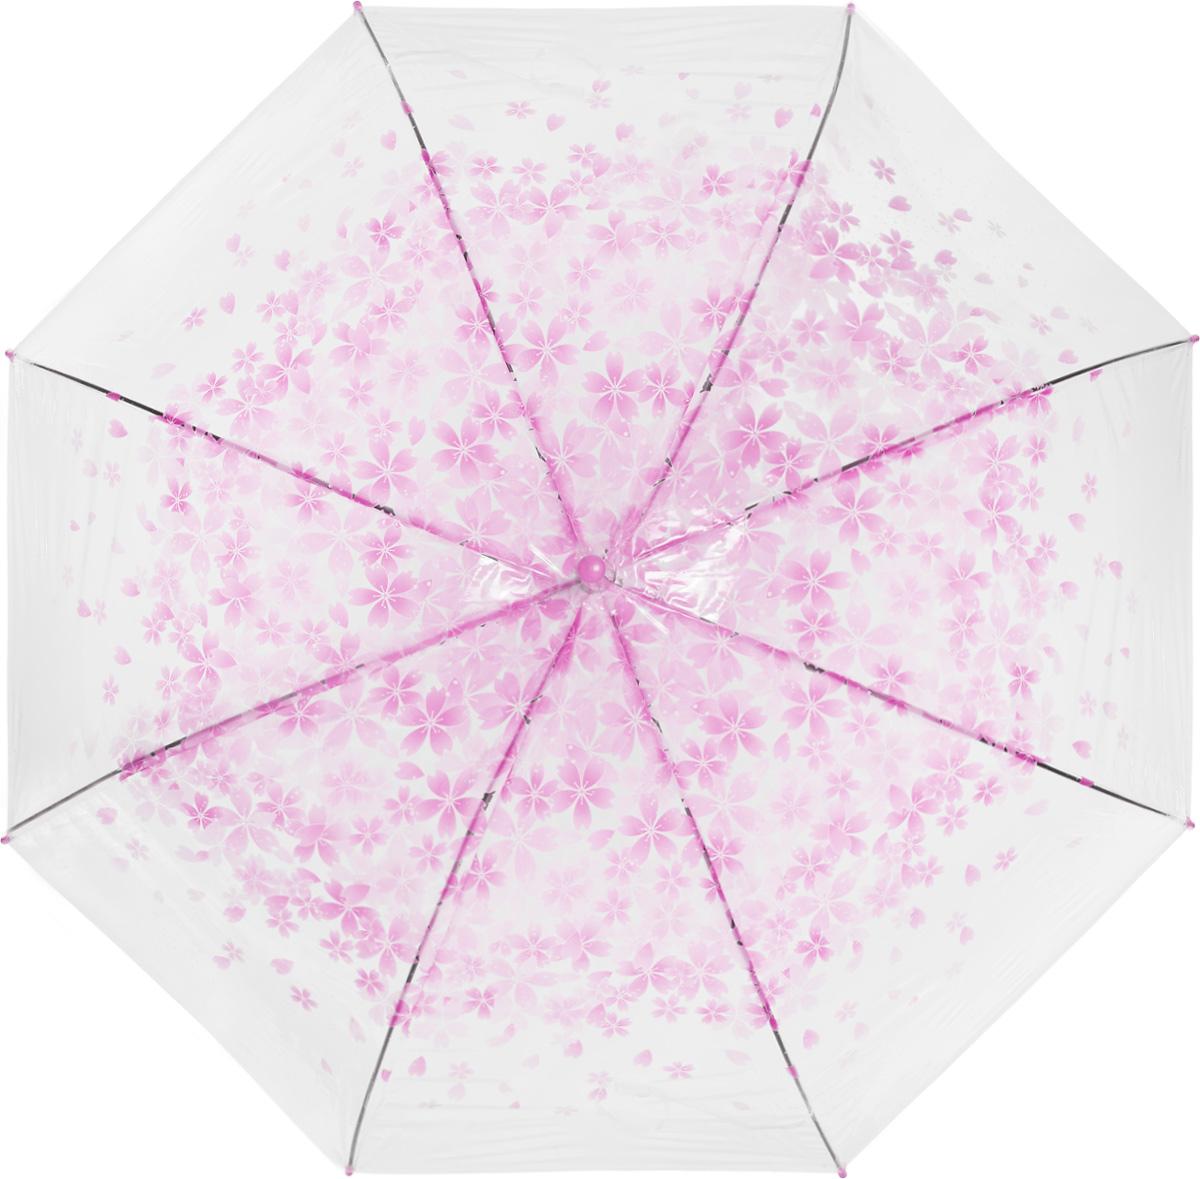 Зонт женский Эврика, цвет: прозрачный, розовый. 97506CX1516-50-10Зонт-трость Эврика выполнен из прозрачного полиэтилена и оформлен цветочным принтом.Благодаря своему изяществу и утонченности орнамента он способен украсить даже самый пасмурный день. Лёгкий, практичный зонт-полуавтомат послужит верным спутником дамы, желающей выглядеть стильно в любую погоду.